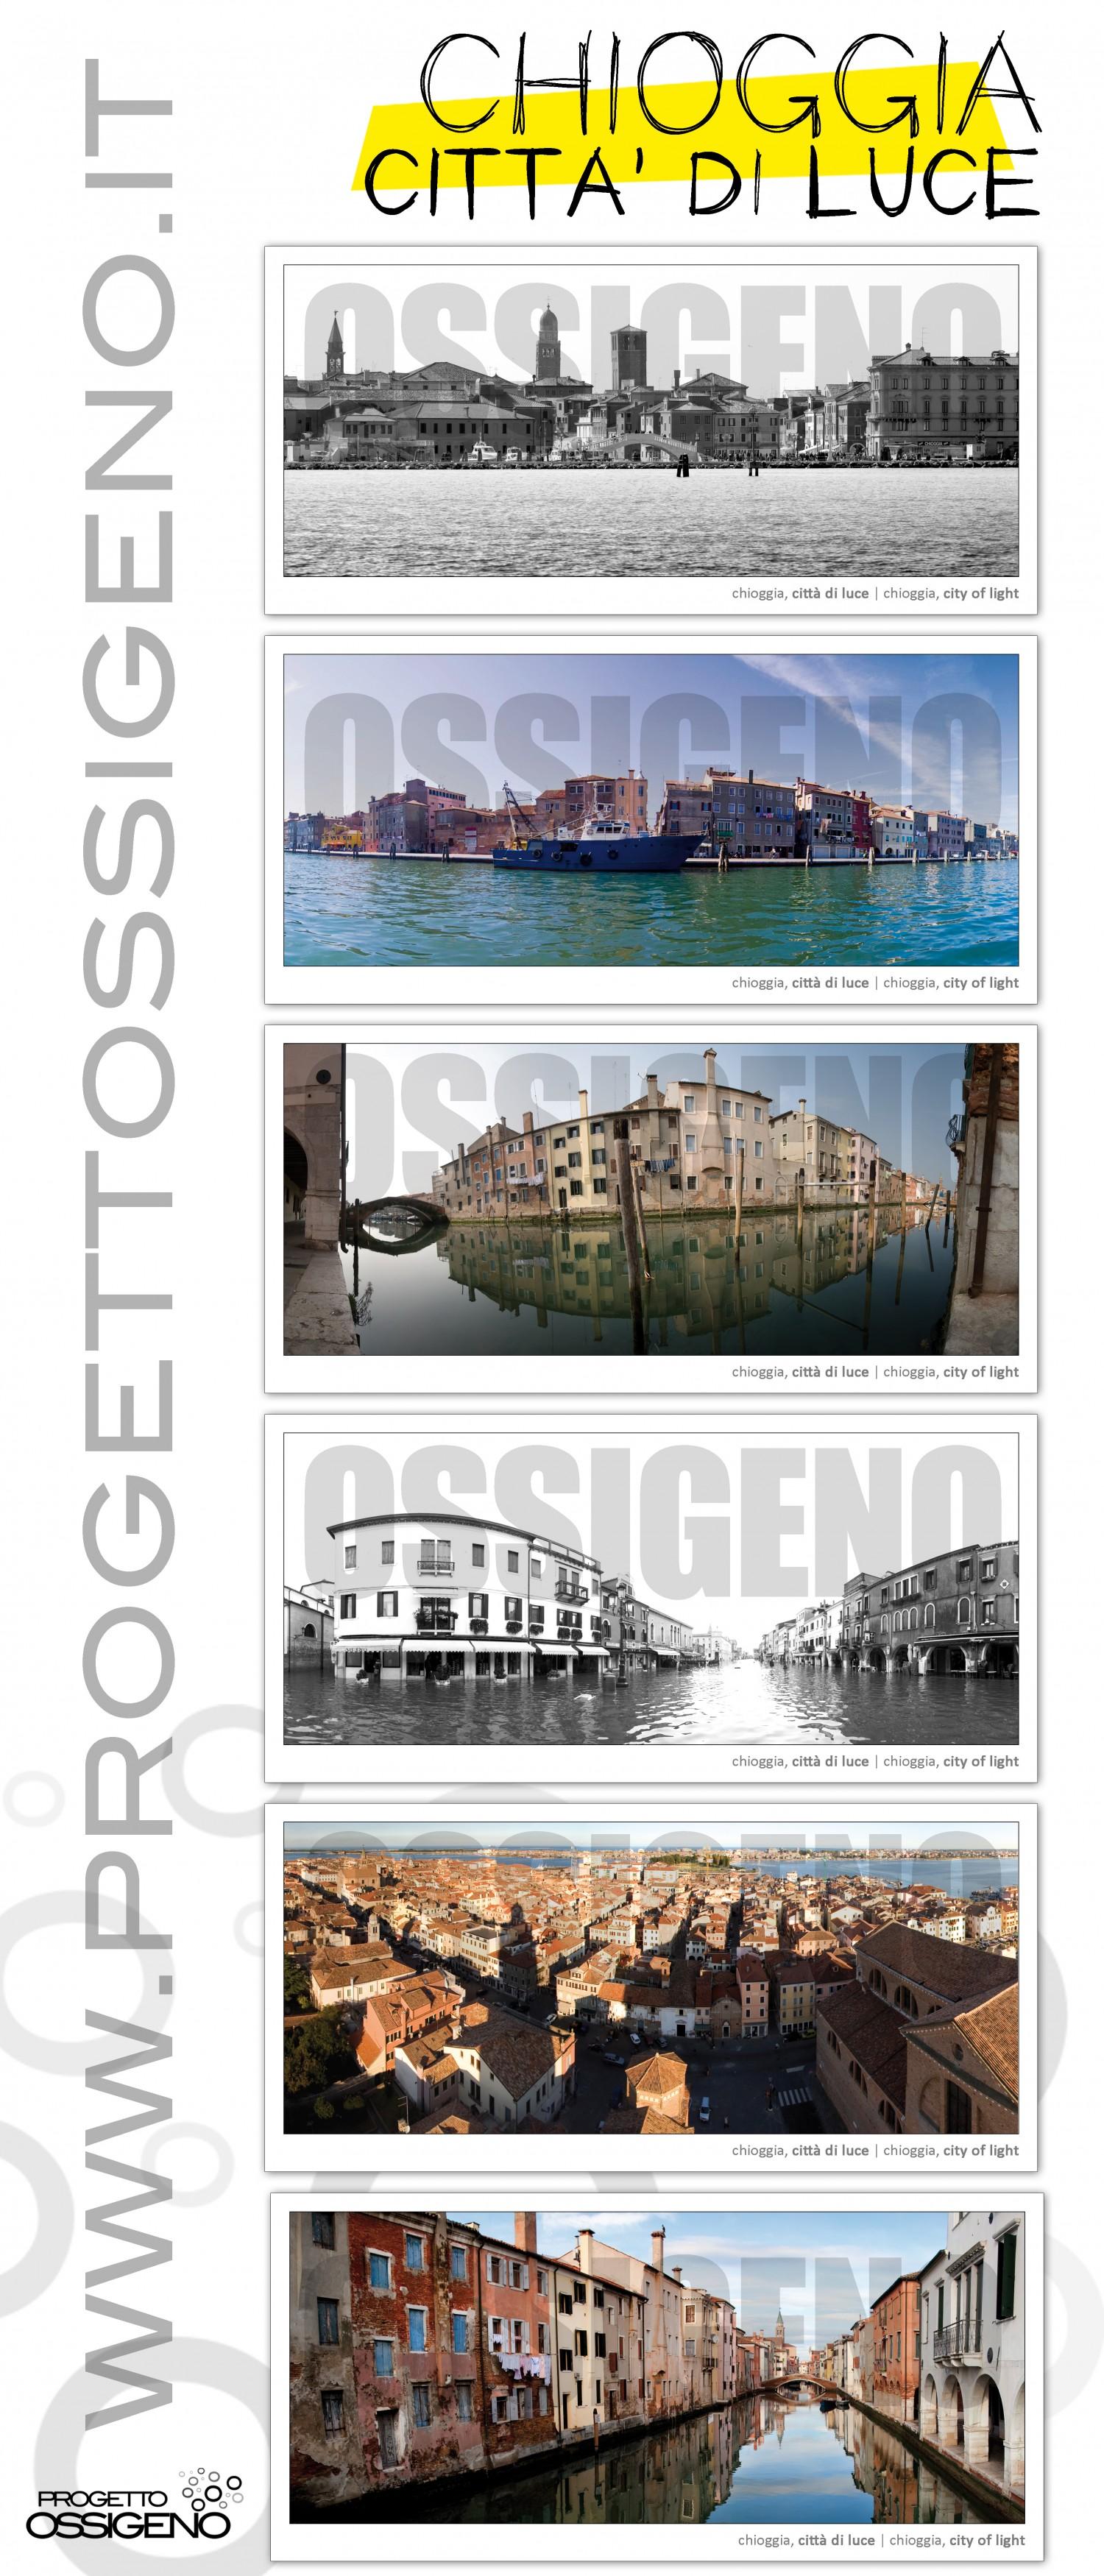 Cartoline Chioggia Progetto Ossigeno